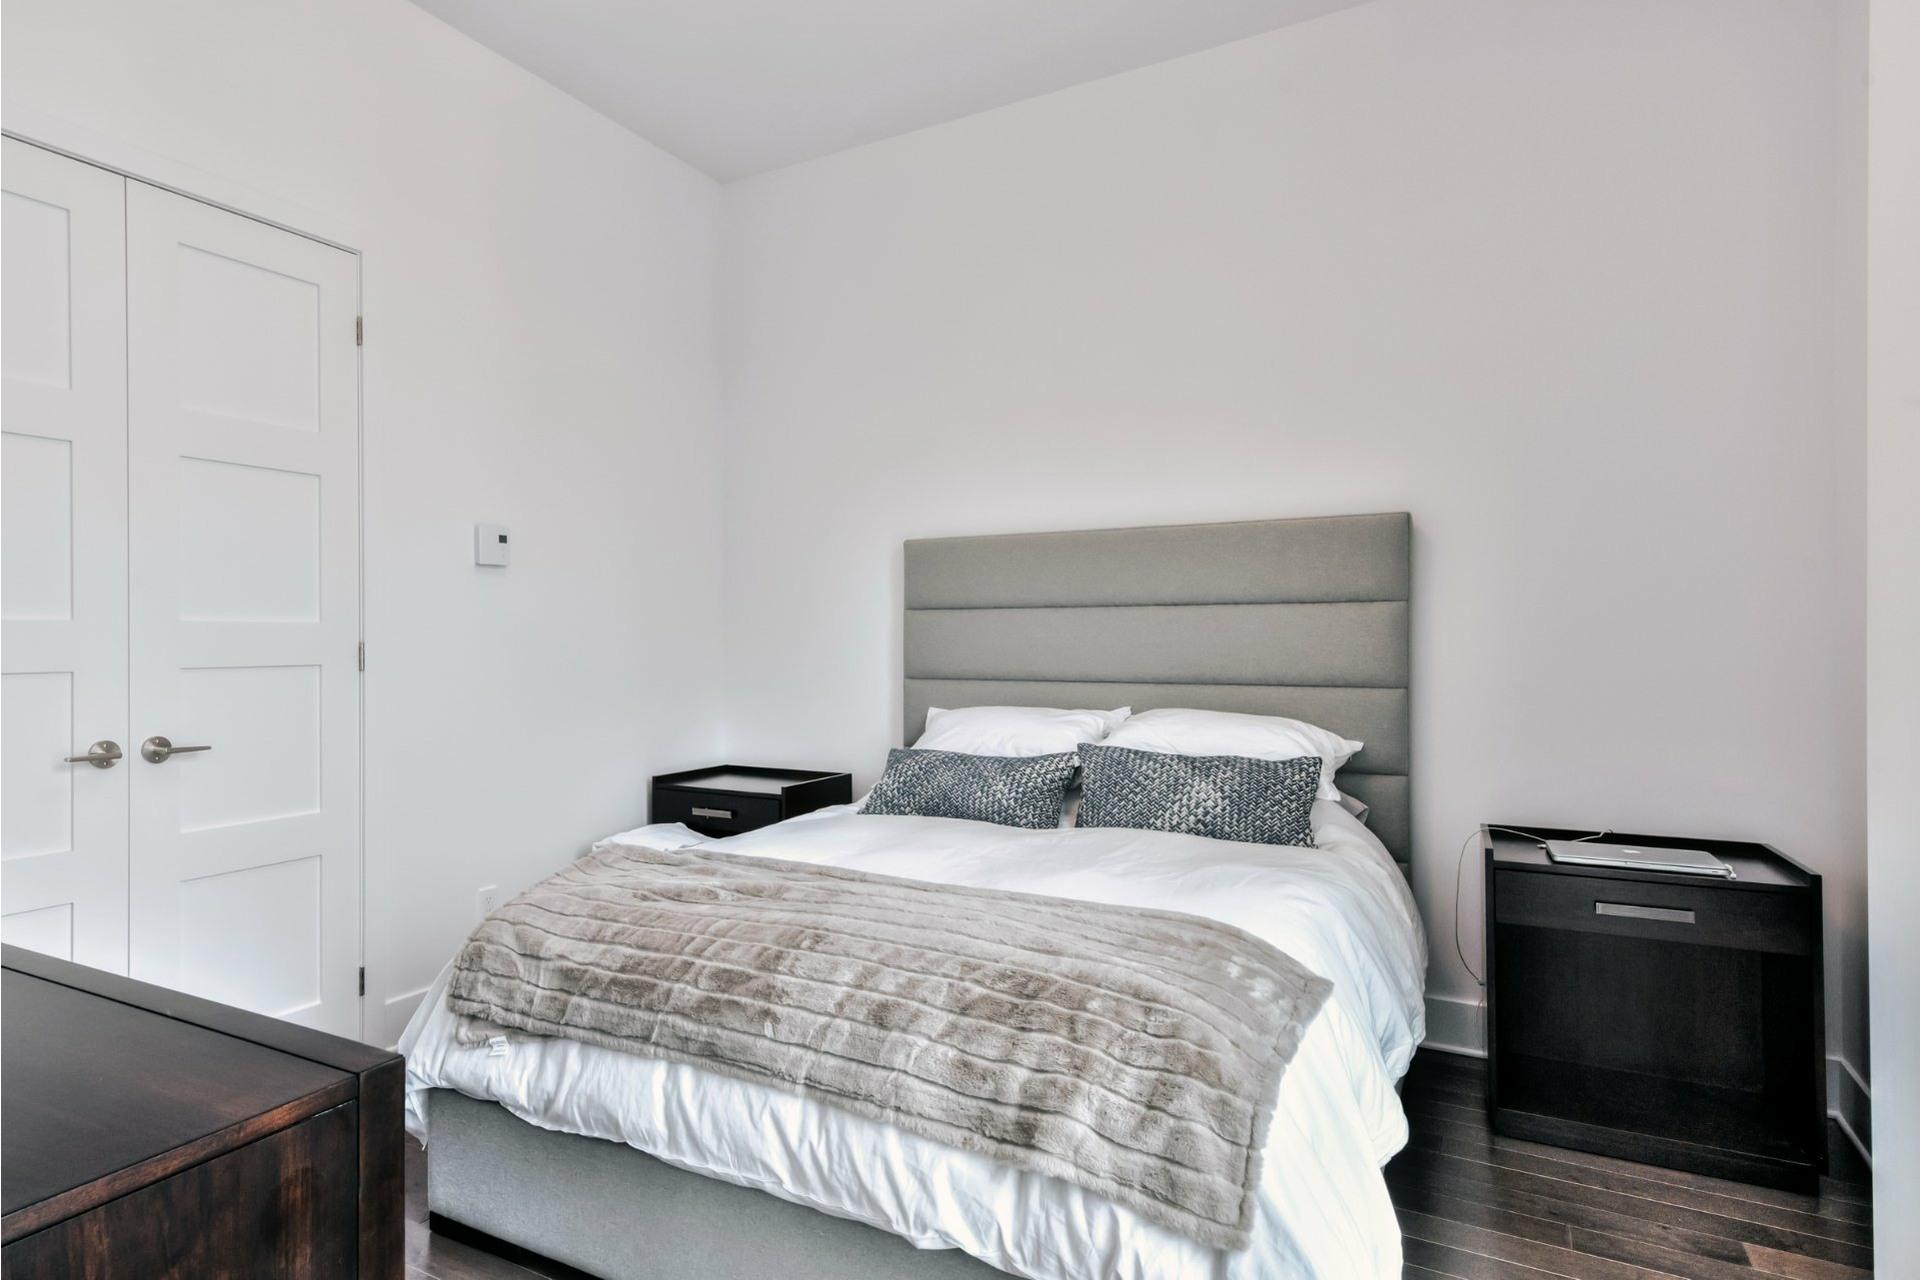 image 14 - Apartment For sale Côte-des-Neiges/Notre-Dame-de-Grâce Montréal  - 4 rooms